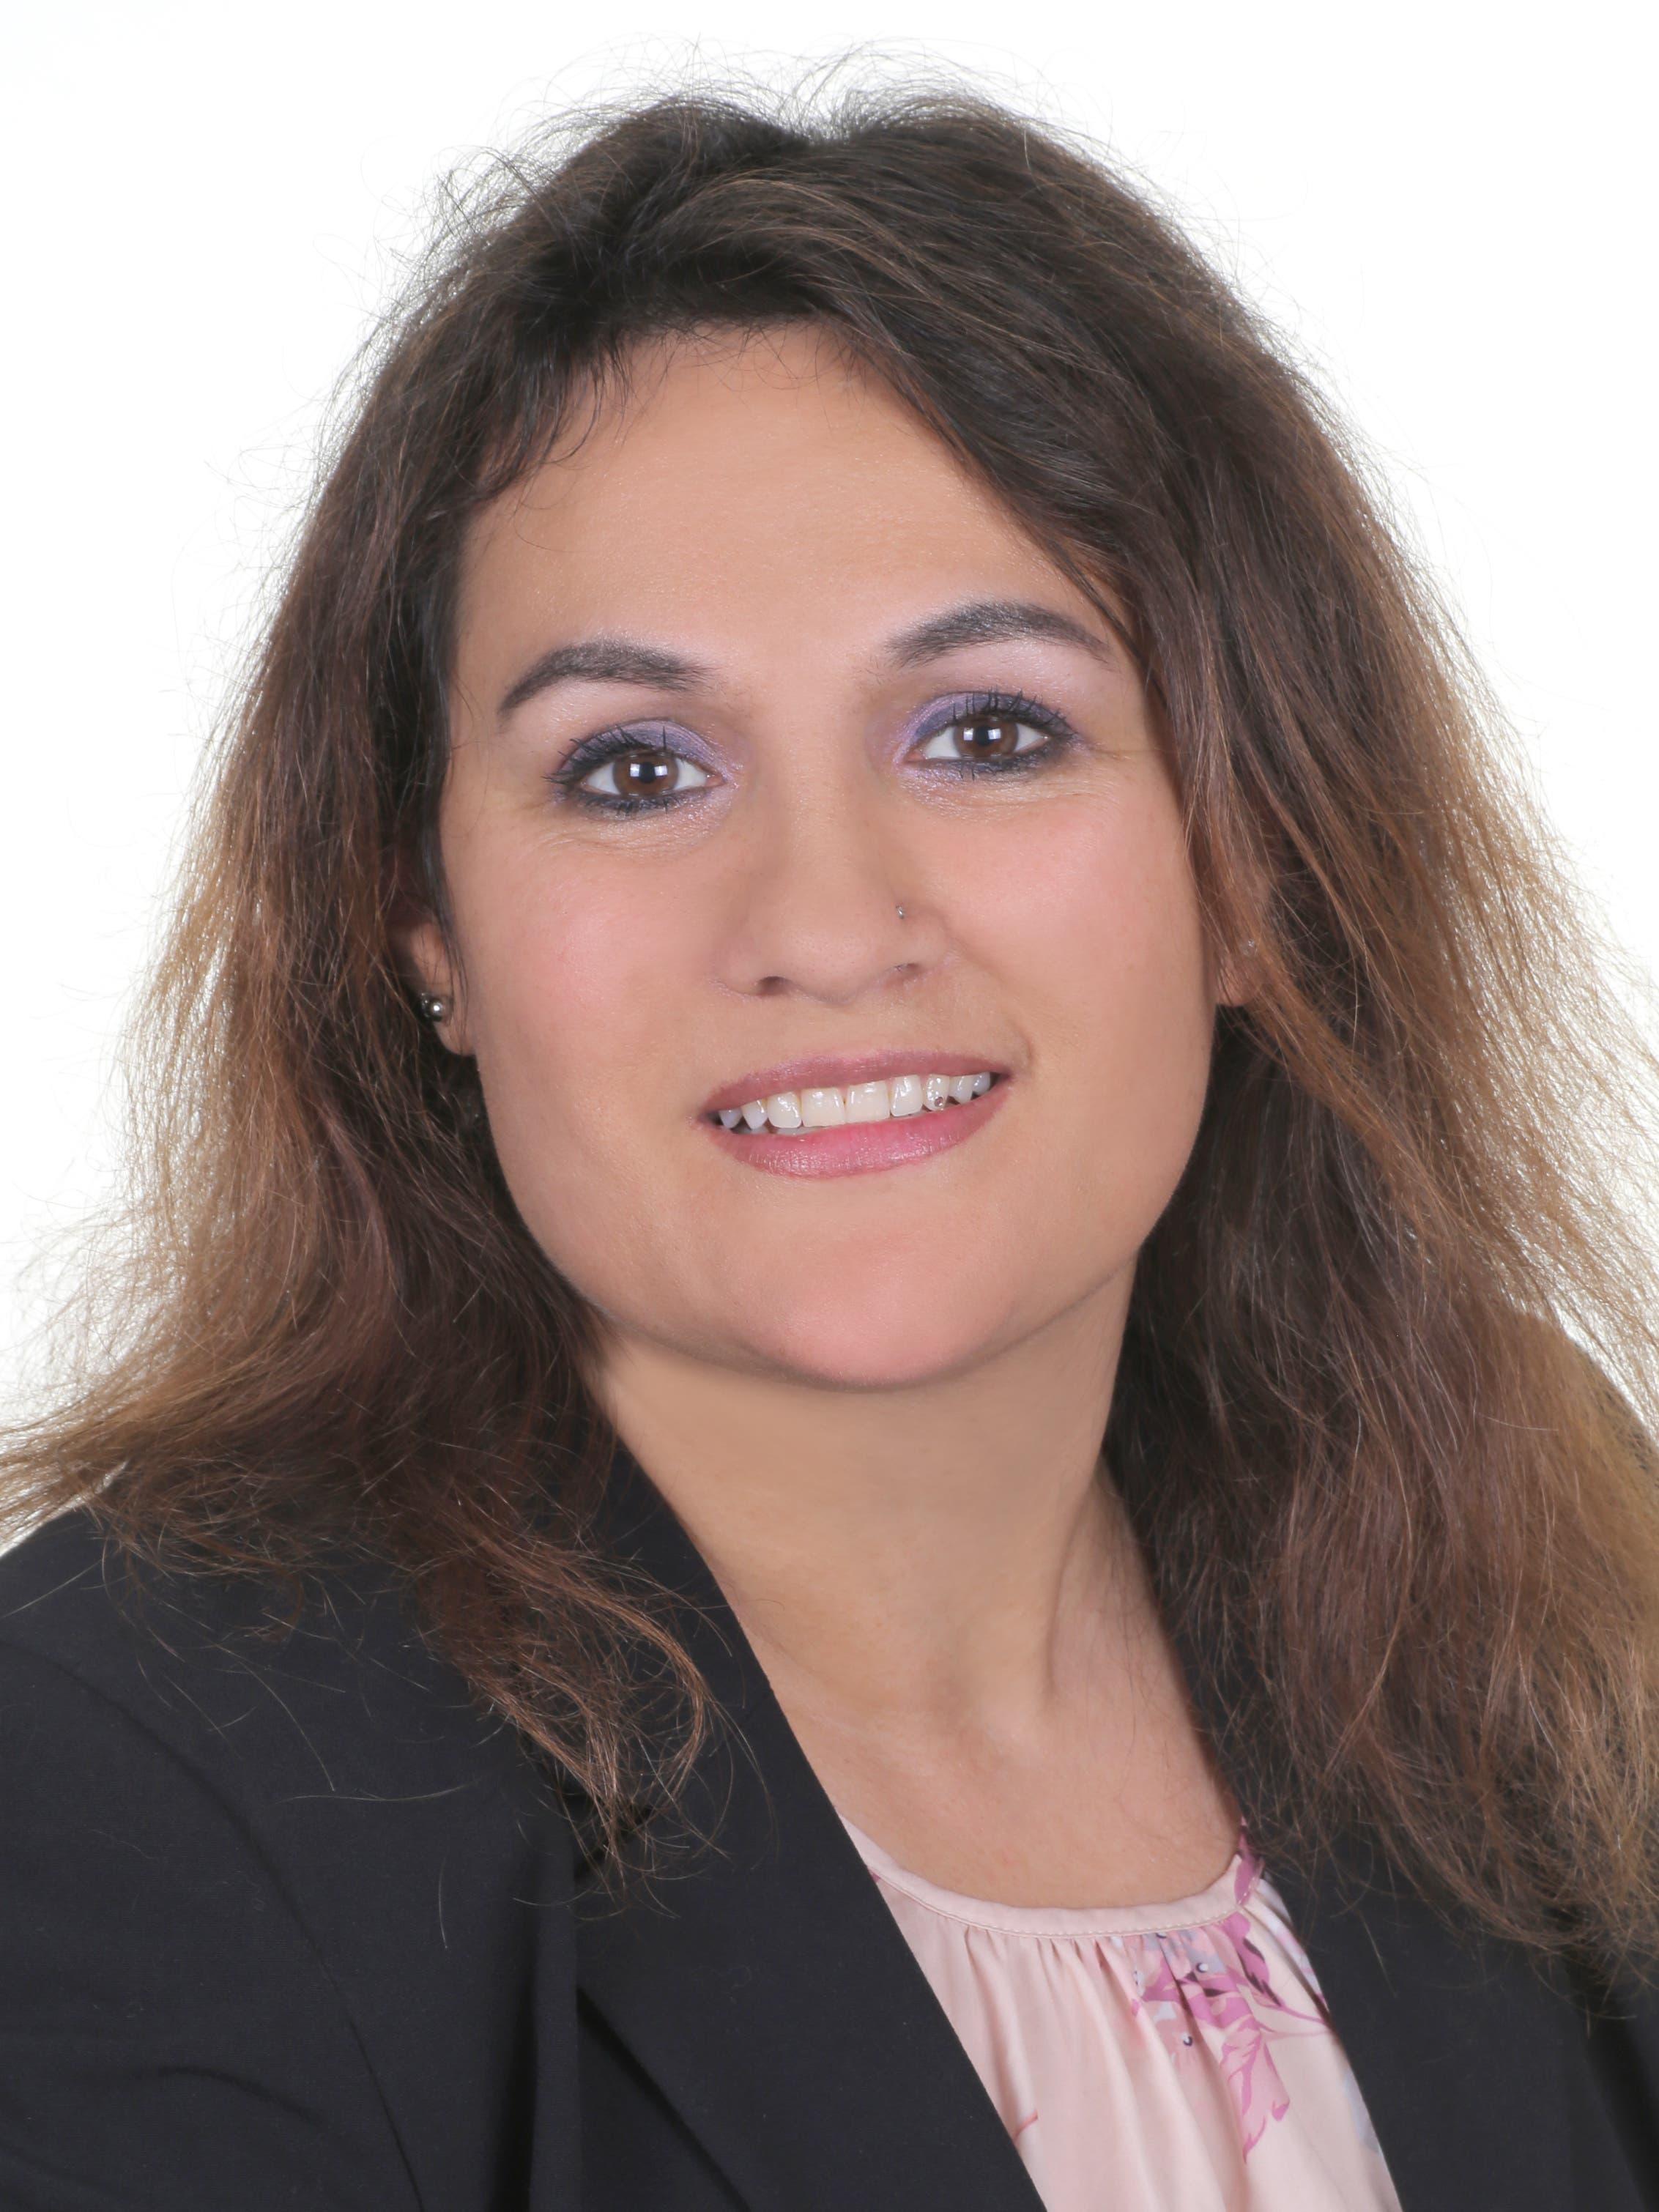 Stephanie Ritschard (bisher, wiedergewählt mit 6558 Stimmen)